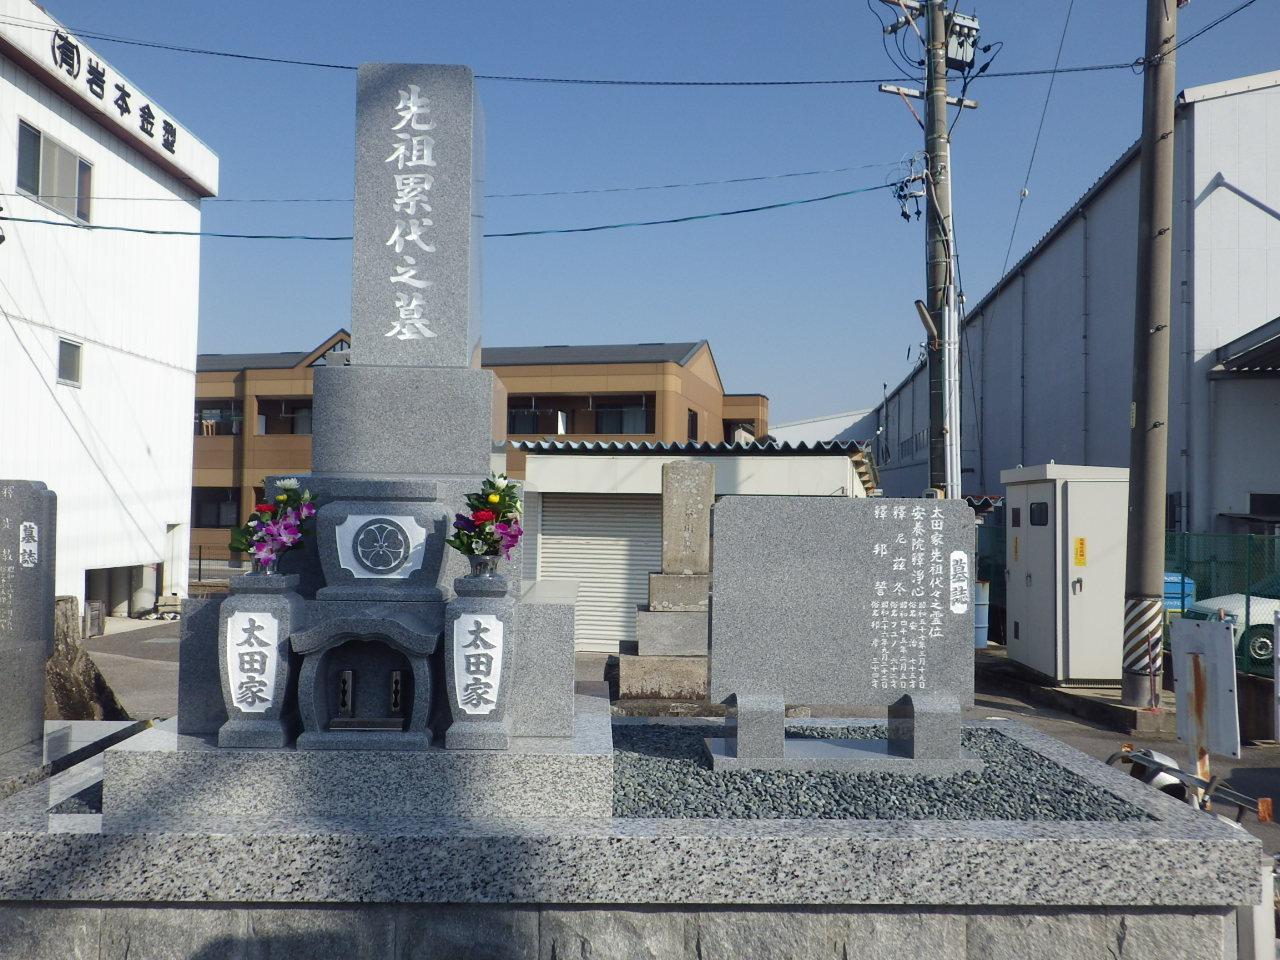 201602 ○岡崎市 地域墓地(福岡町墓地) 中国産G130深 尺角和型 太田恵子様